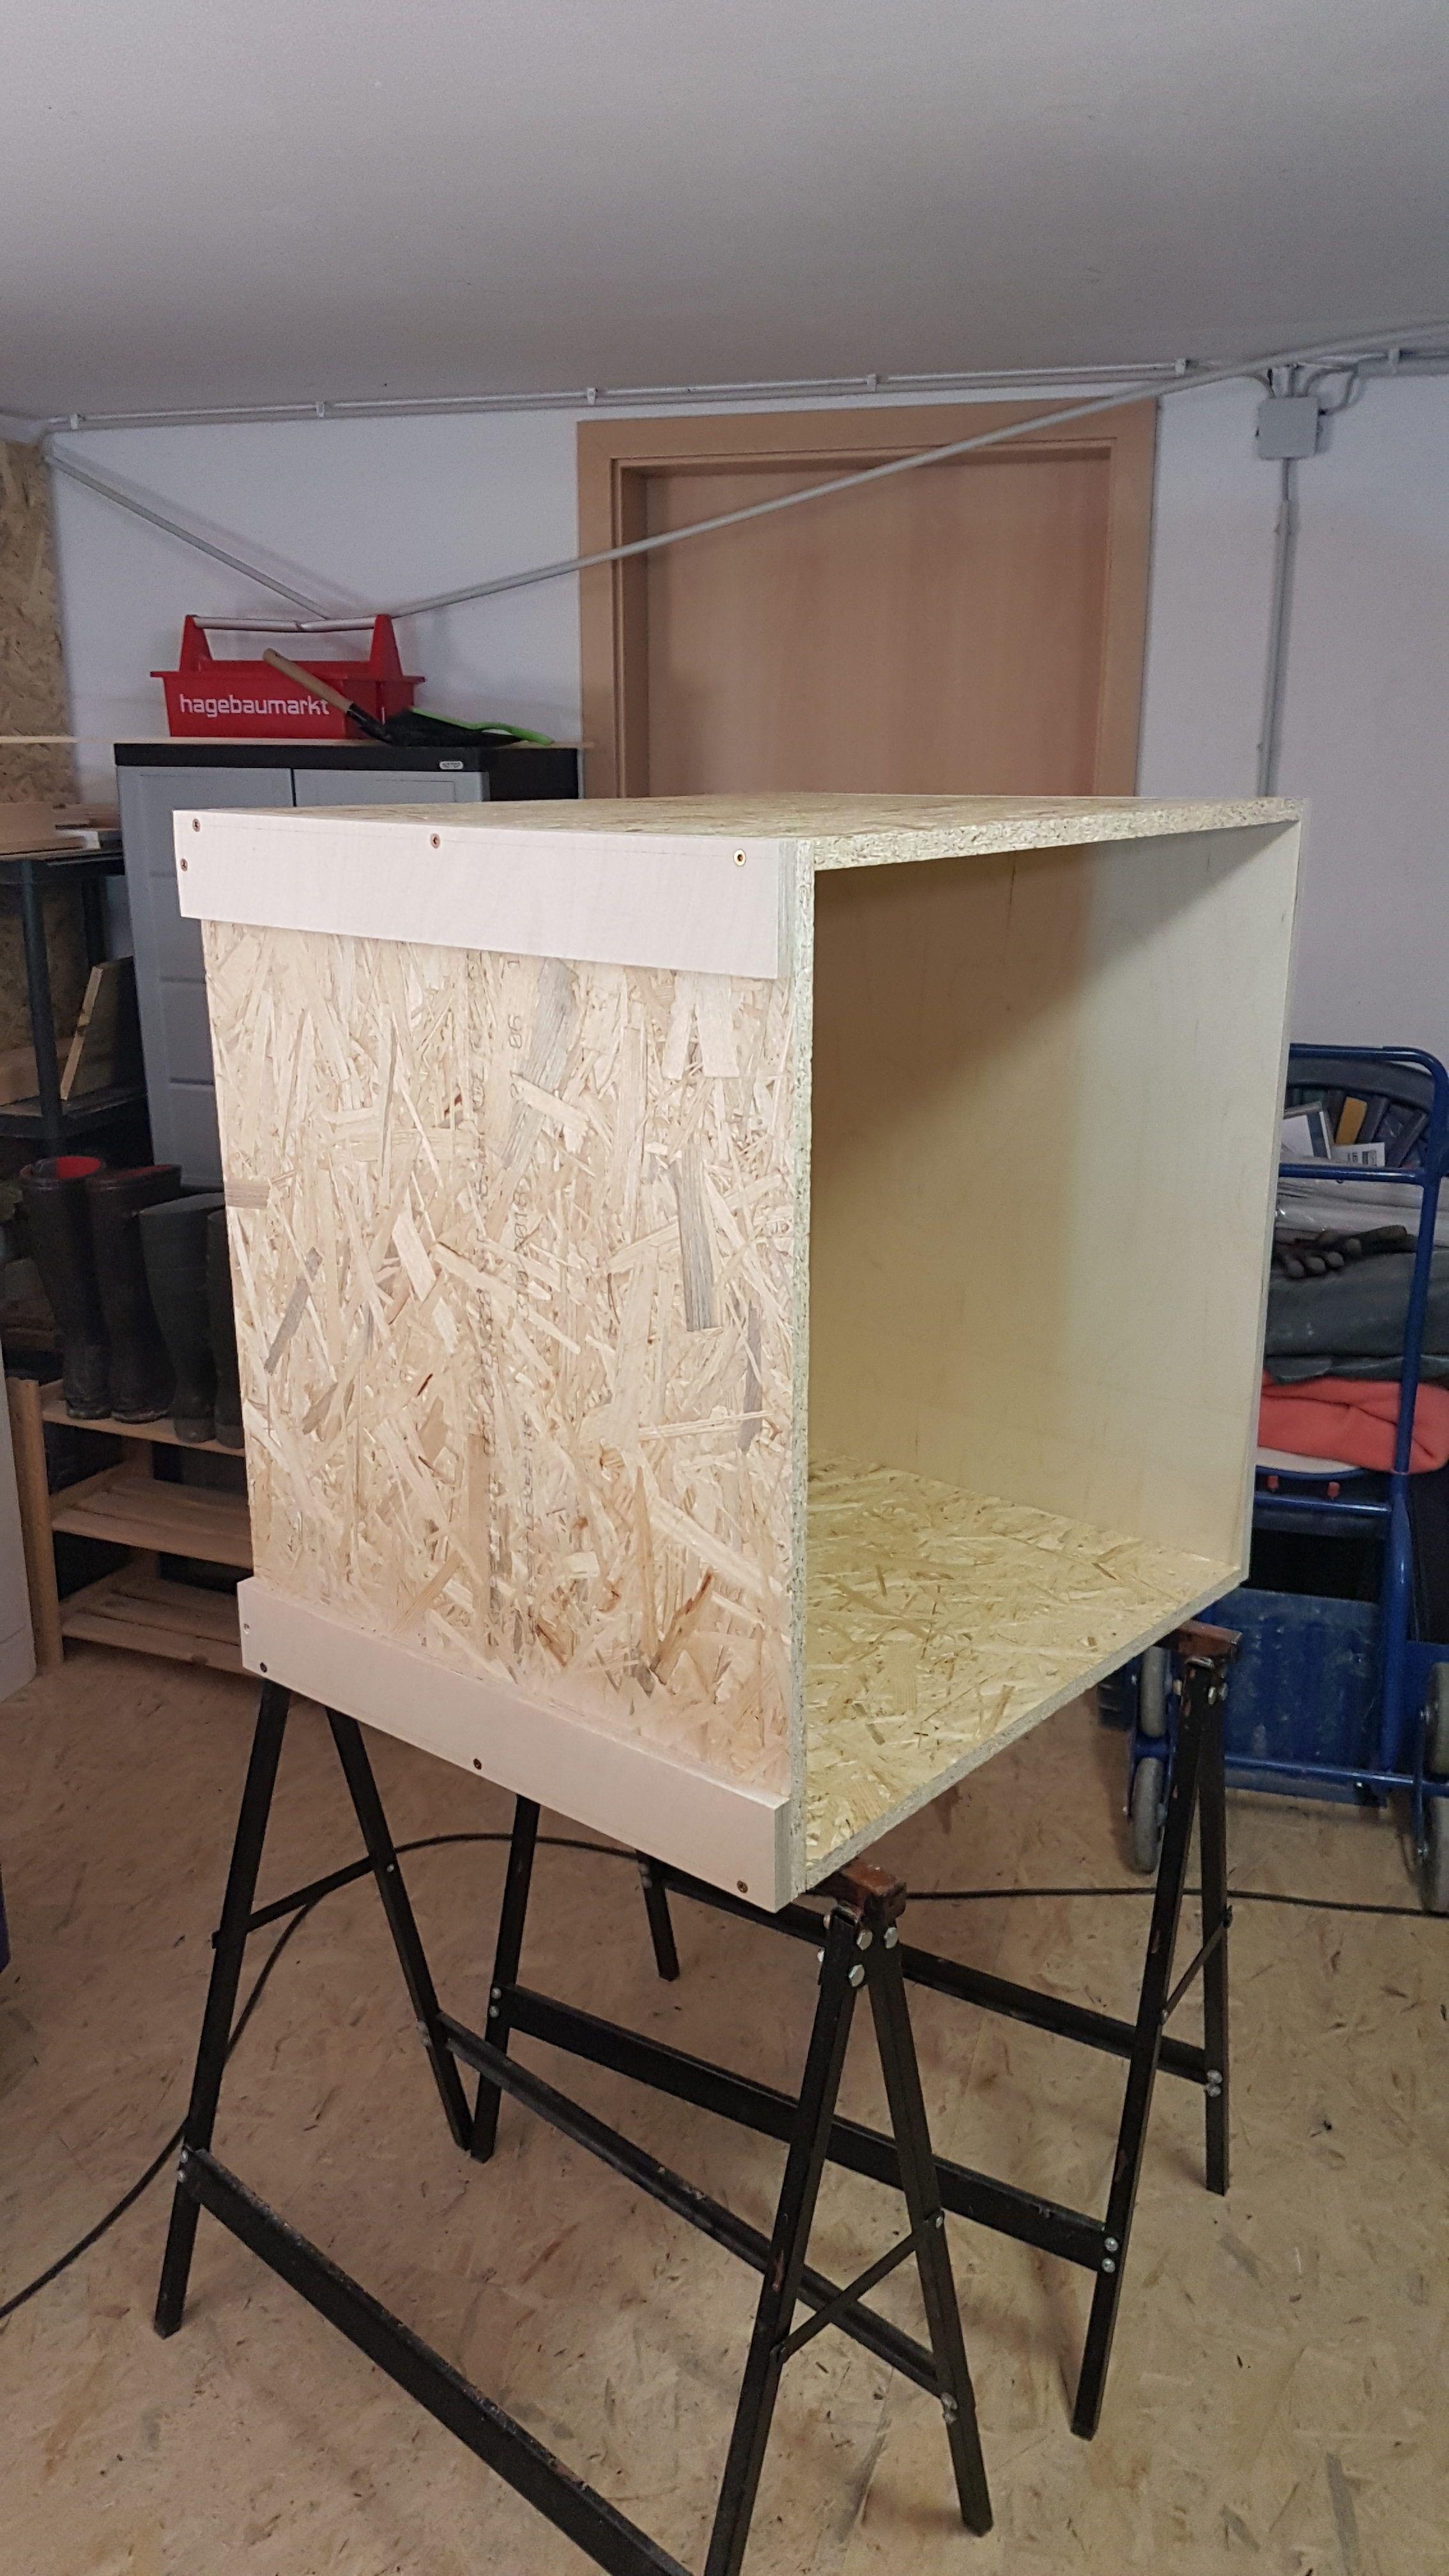 Unsere neue Werkstatt (im DauerAufbau) Heimwerken, Kapp